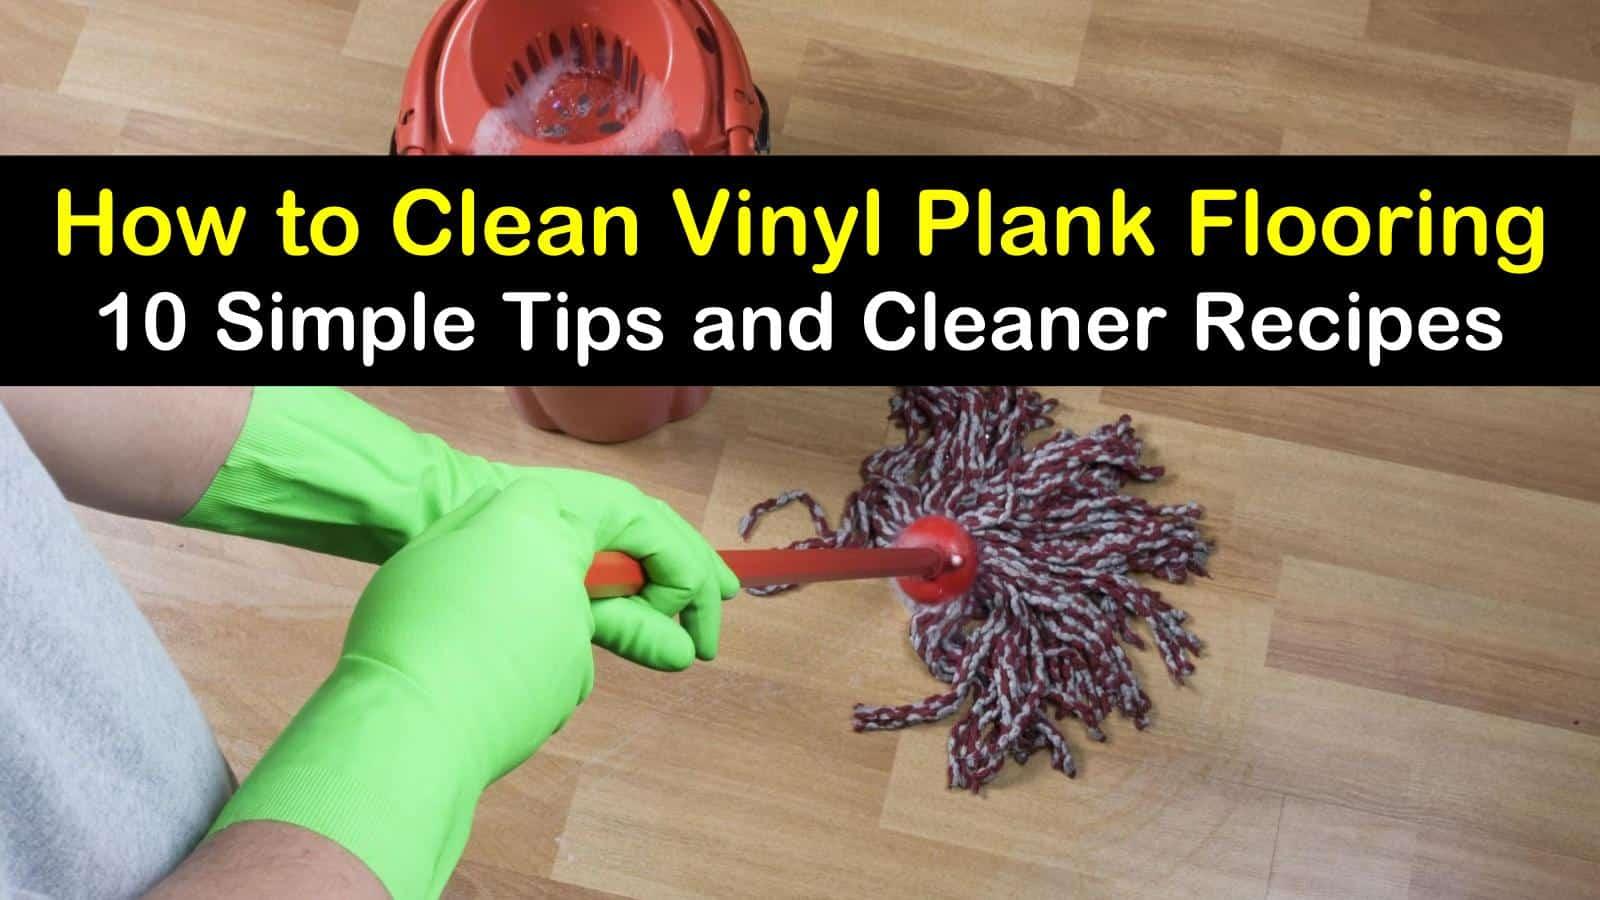 Clean Vinyl Plank Flooring